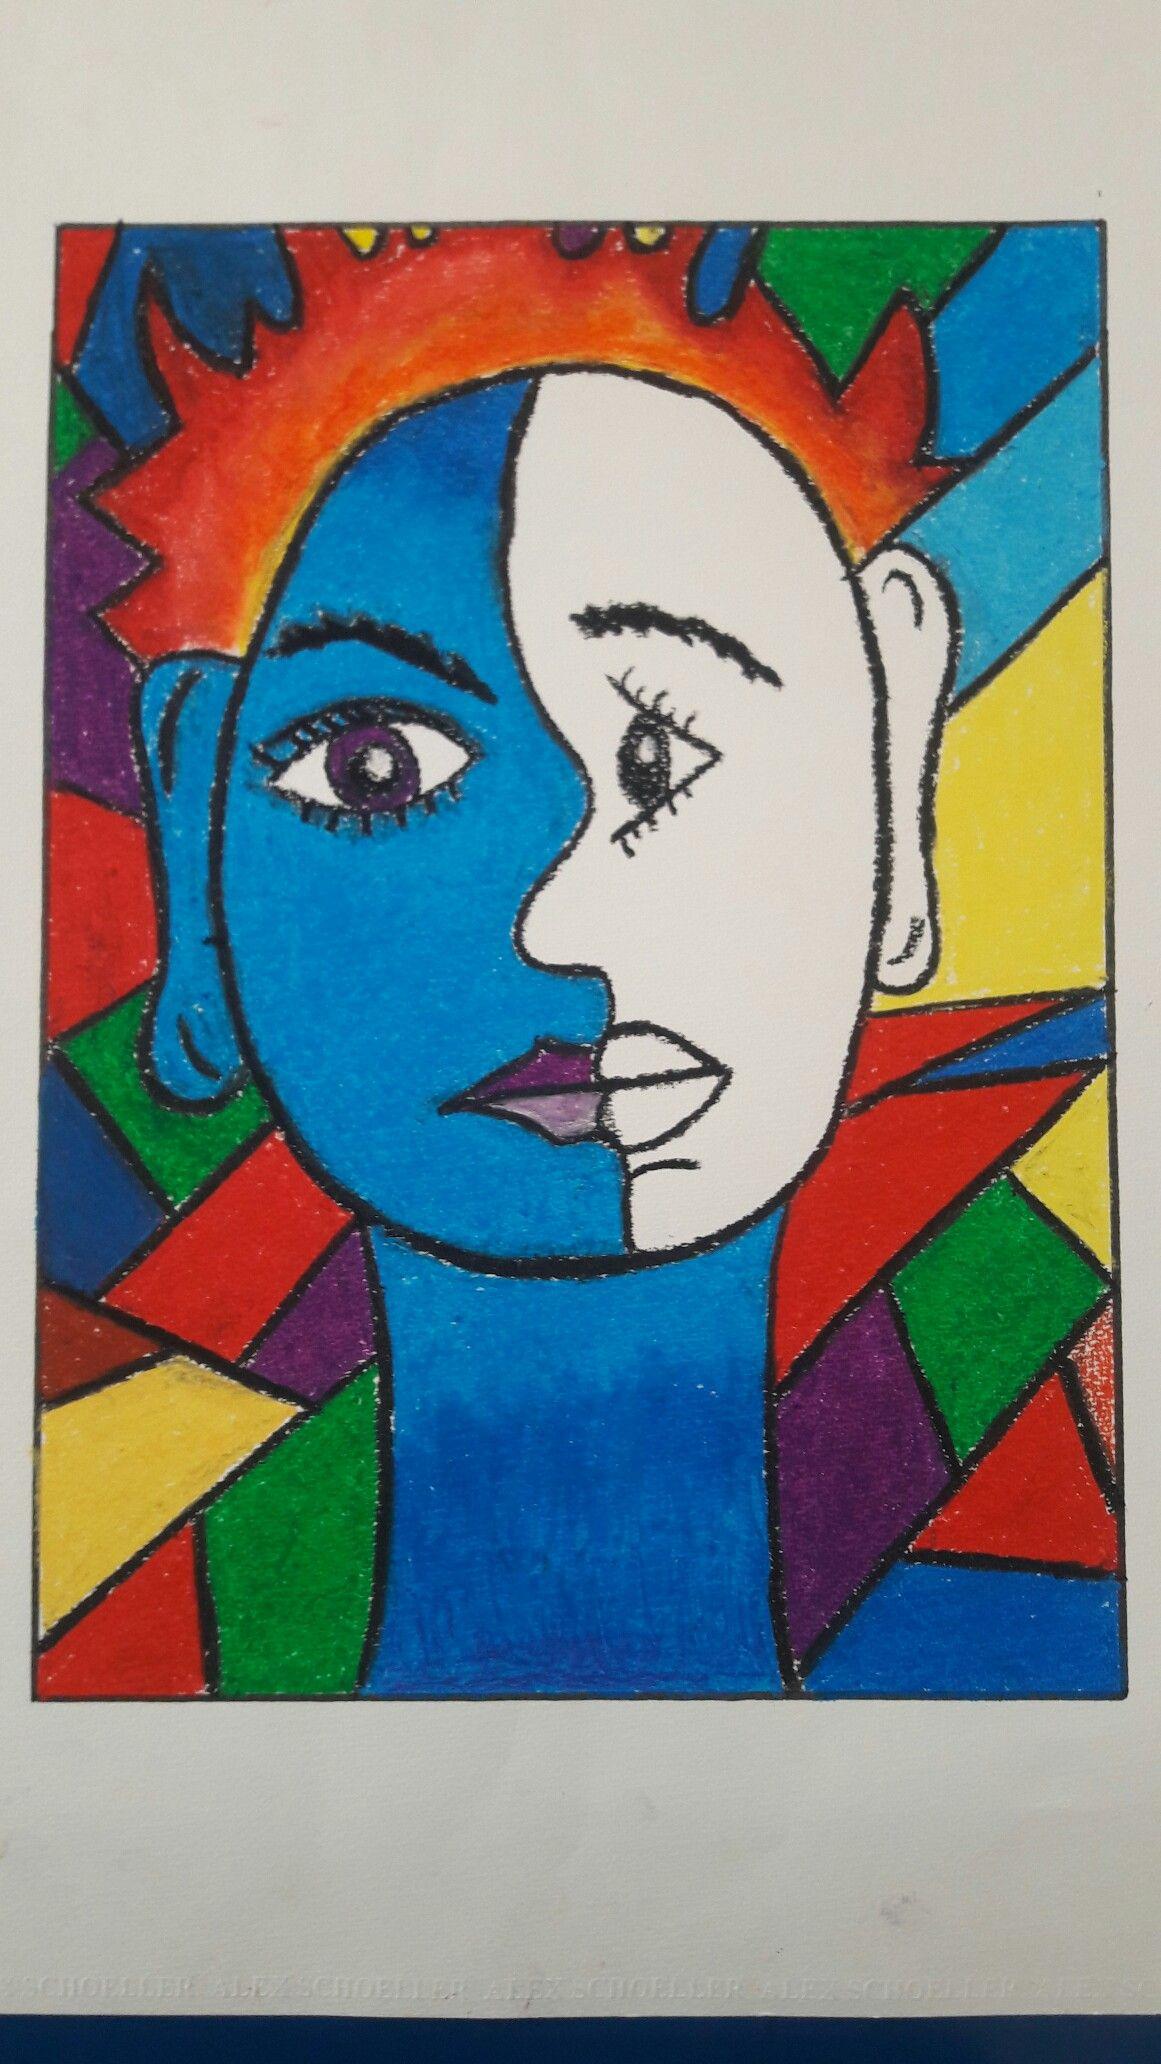 Picasso 3 Pastel Boya Tablo 50 Sanat Terapisi Pastel Boyalar Cizim Egitimleri